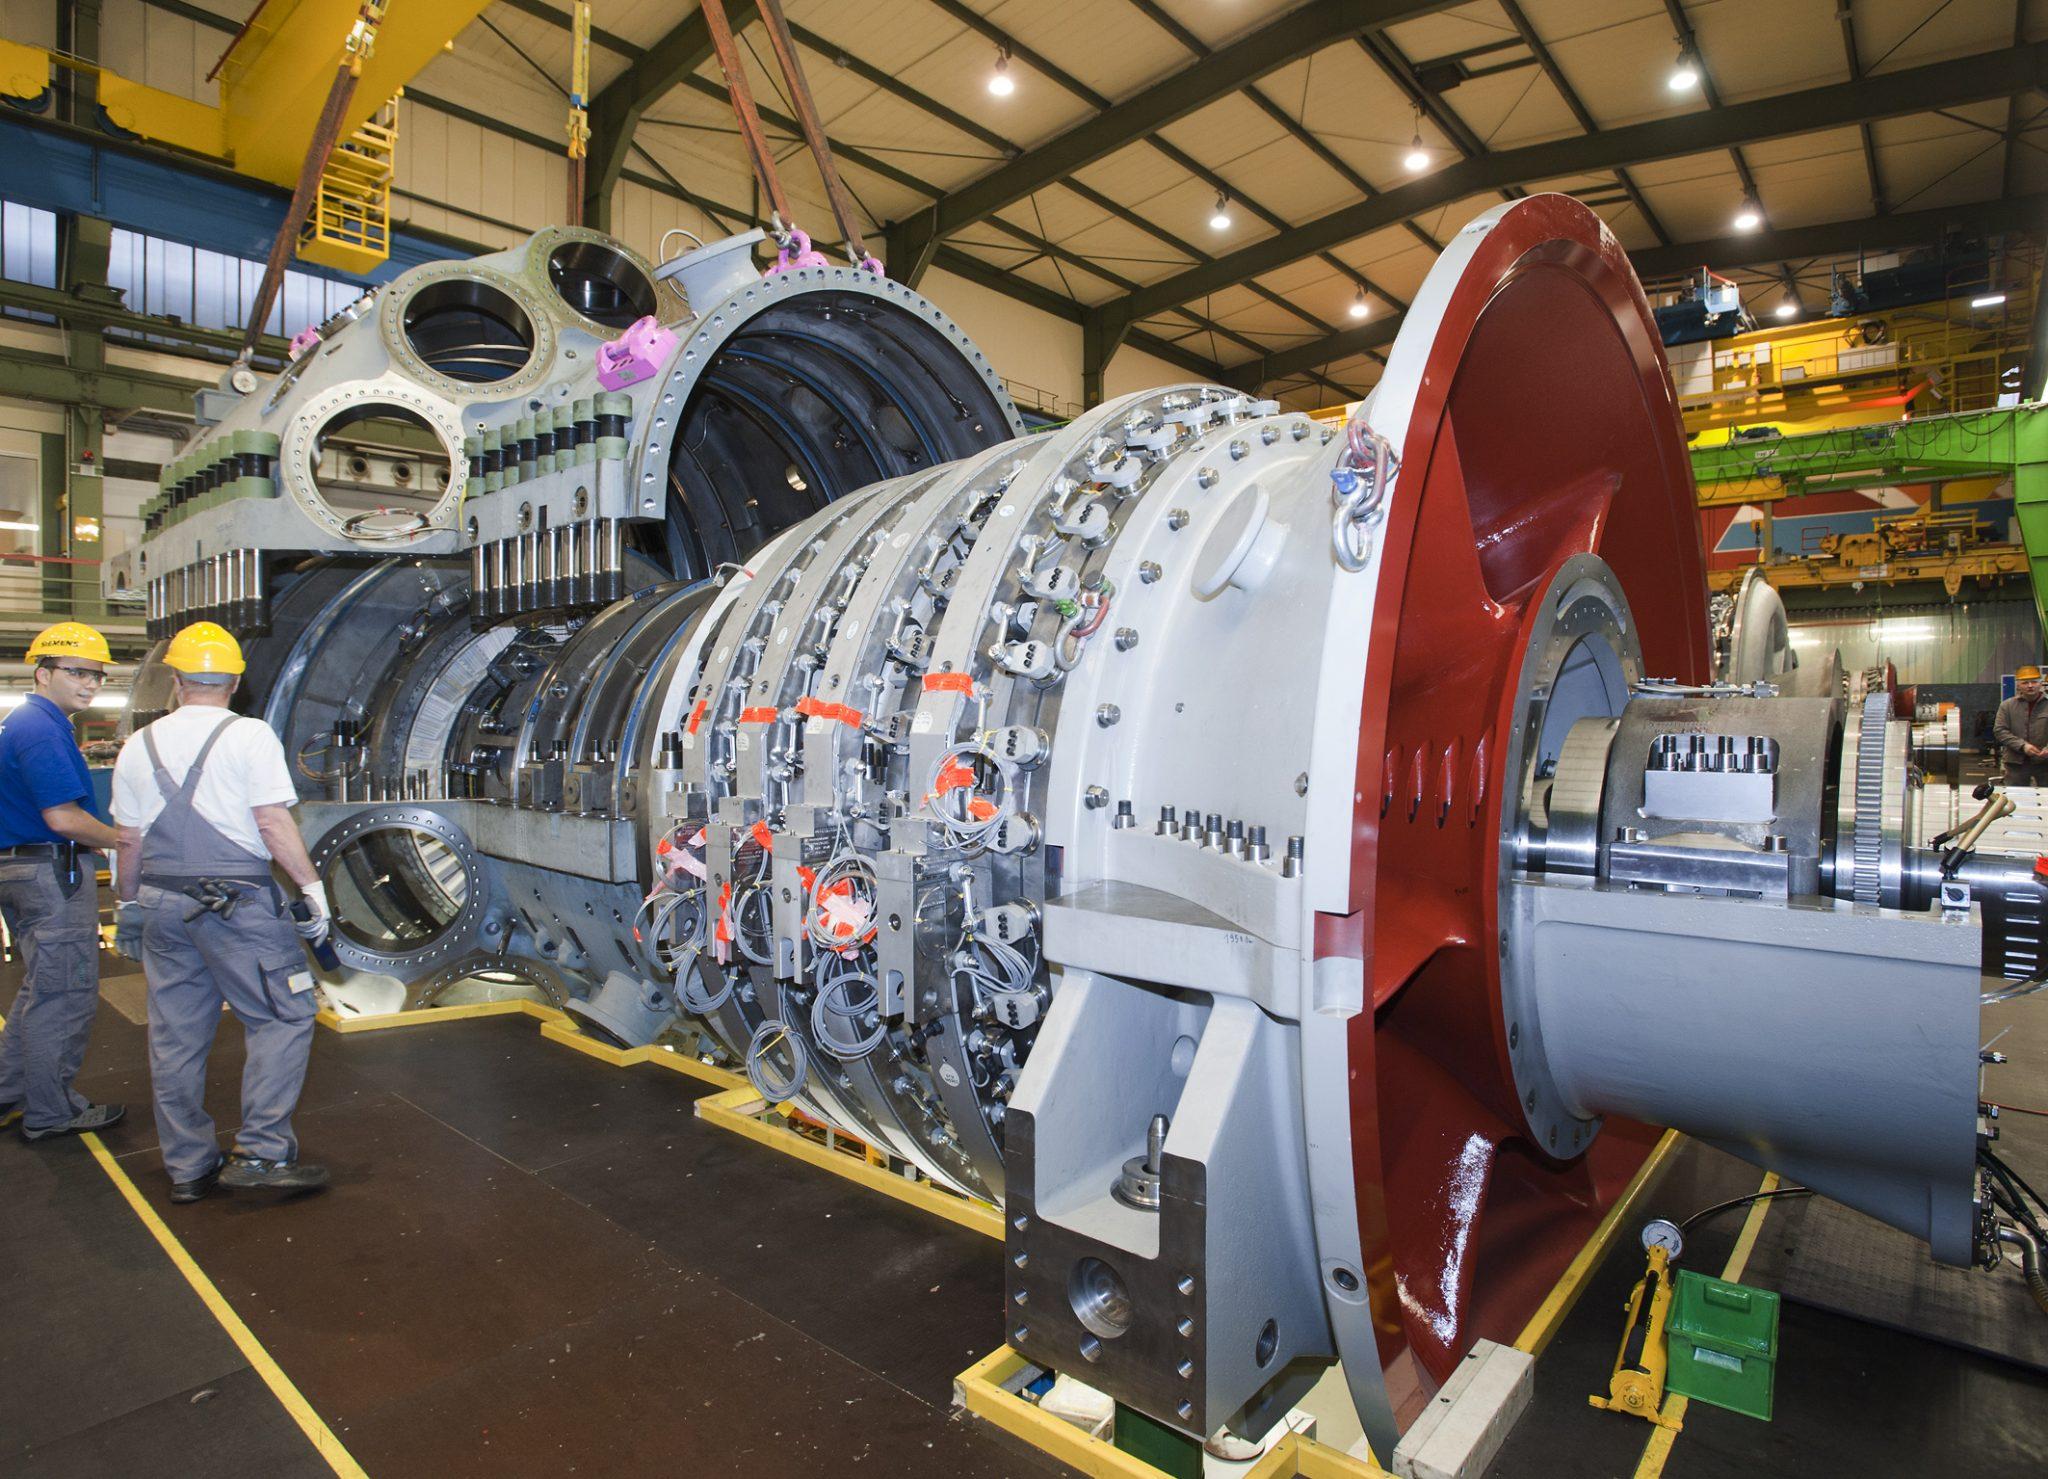 تعویض توربین گاز زیمنس در نیروگاه مک ویلیامز